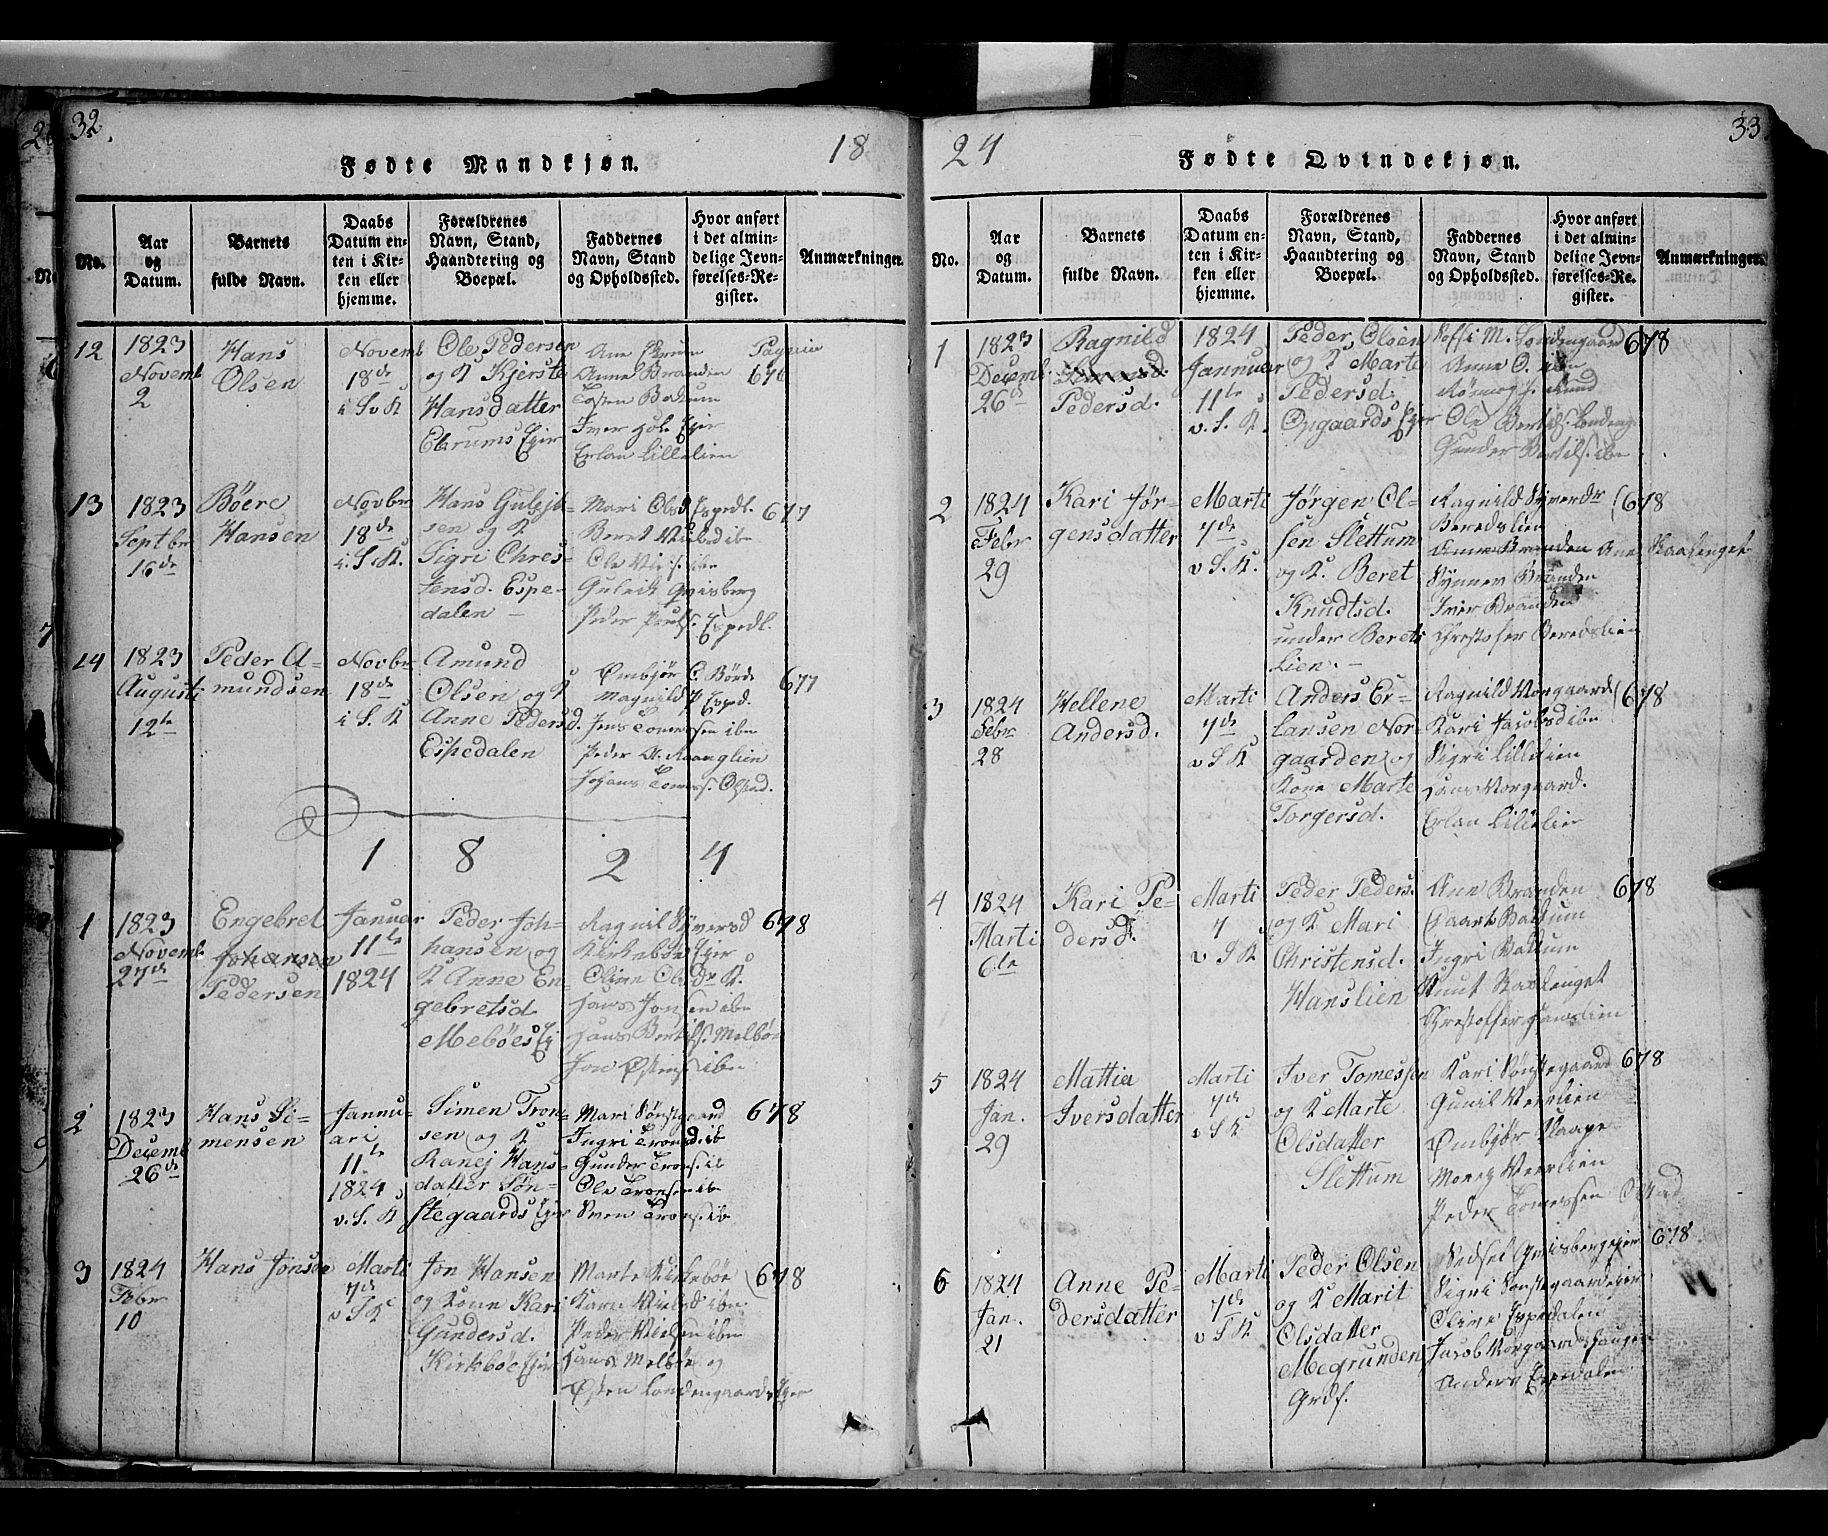 SAH, Gausdal prestekontor, Klokkerbok nr. 2, 1818-1874, s. 32-33